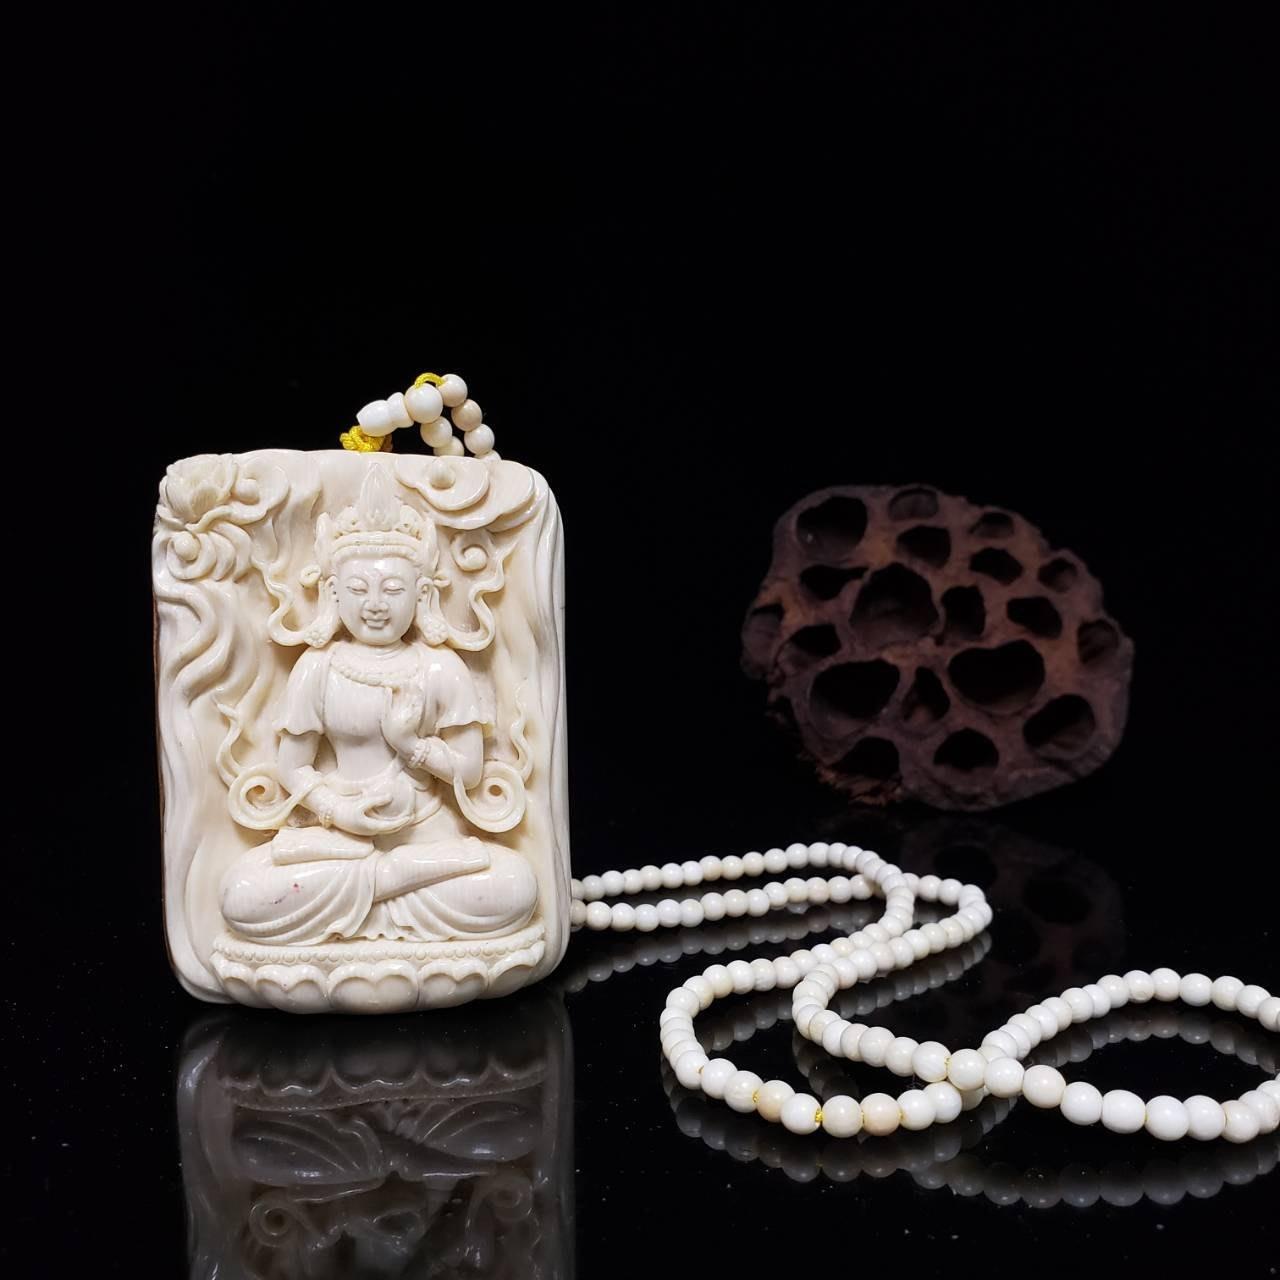 666精品~收藏珍品長毛象牙(非保育類) 精雕 【觀音大士】原皮面雕 項鍊珠子也是牙質,品項完美 雕工精作 (一元起標)